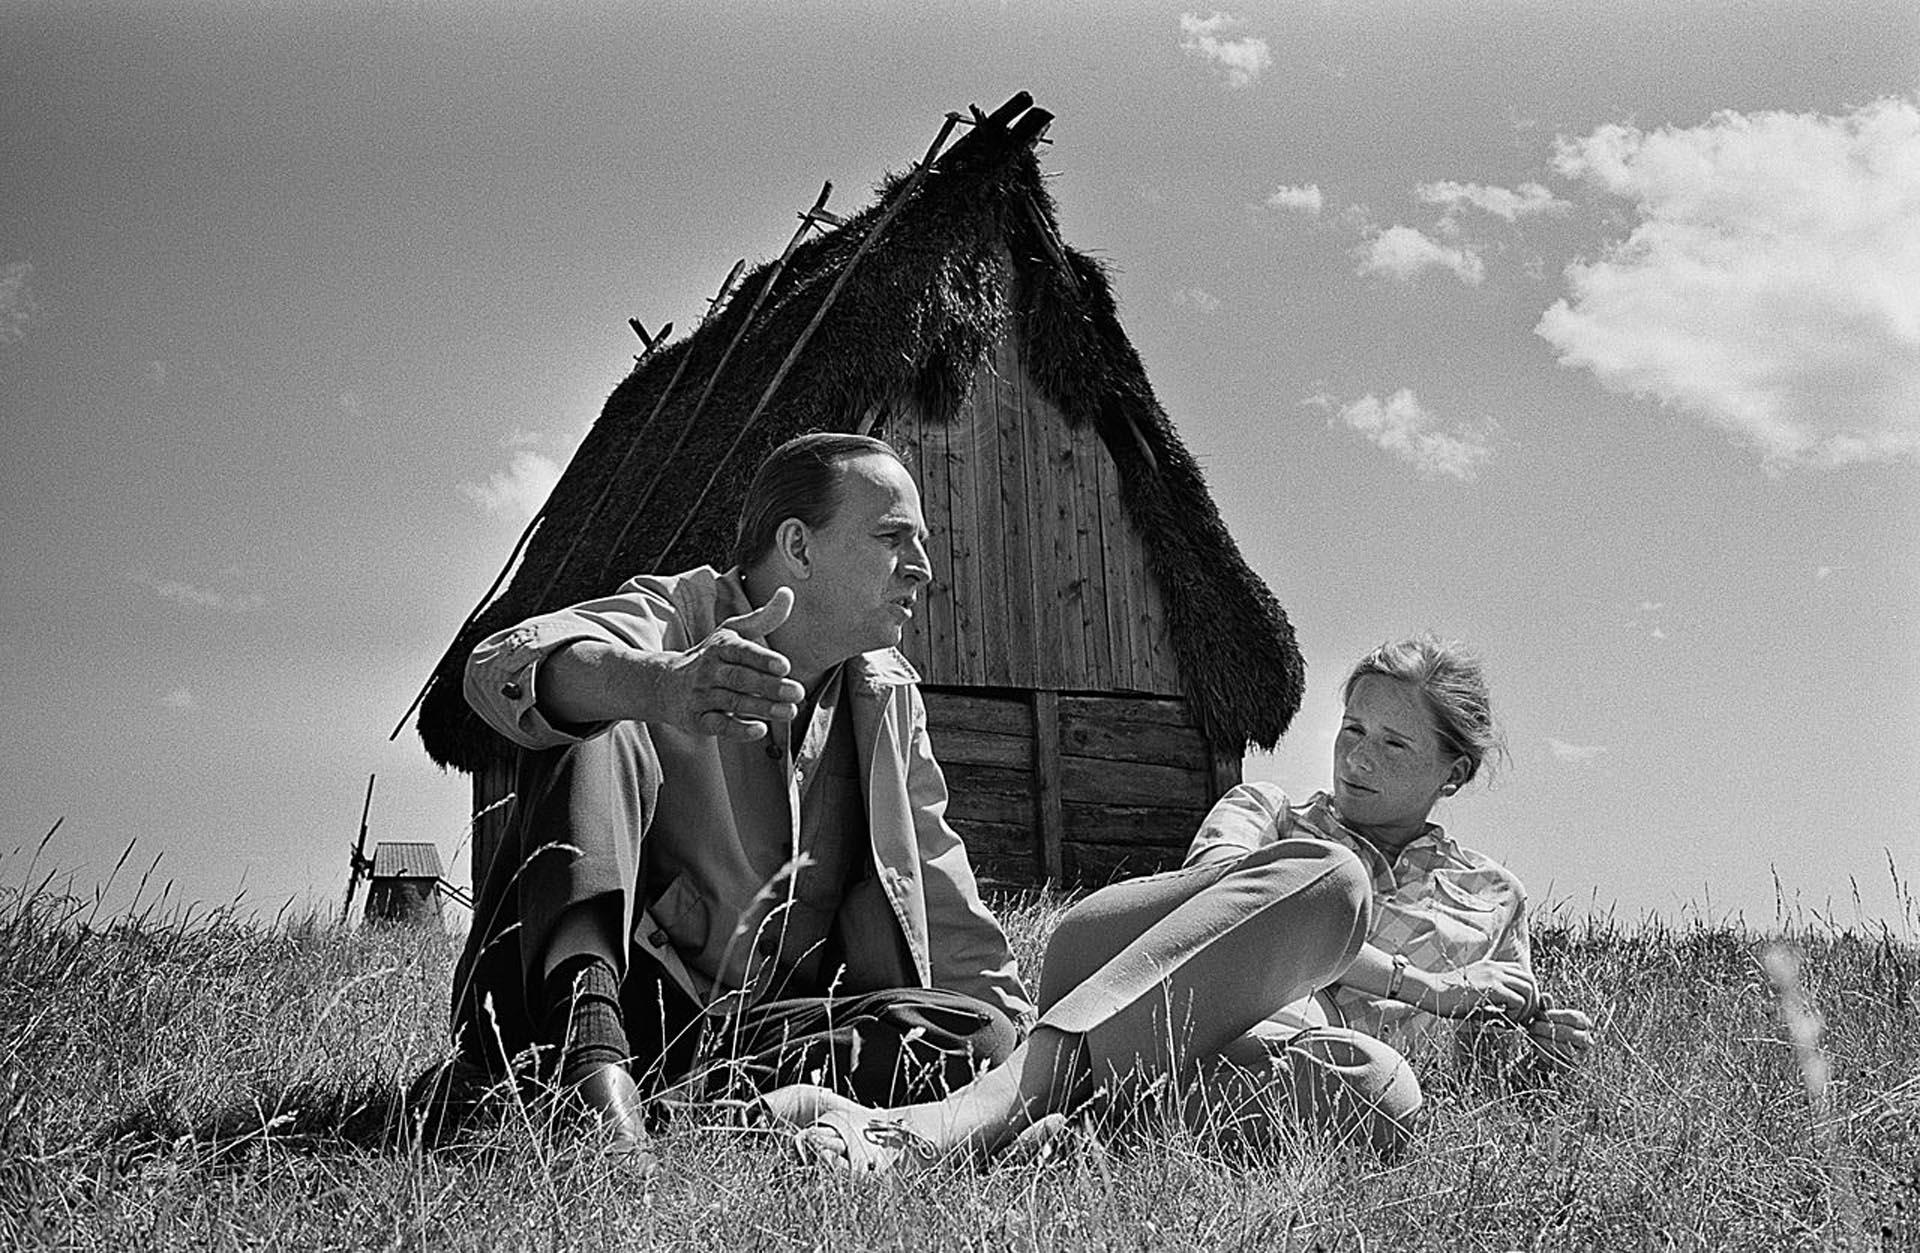 Junto a Liv Ullmann, en el día de su cumpleaños 50, cerca de su casa en Fårö (Gunnar Källström)